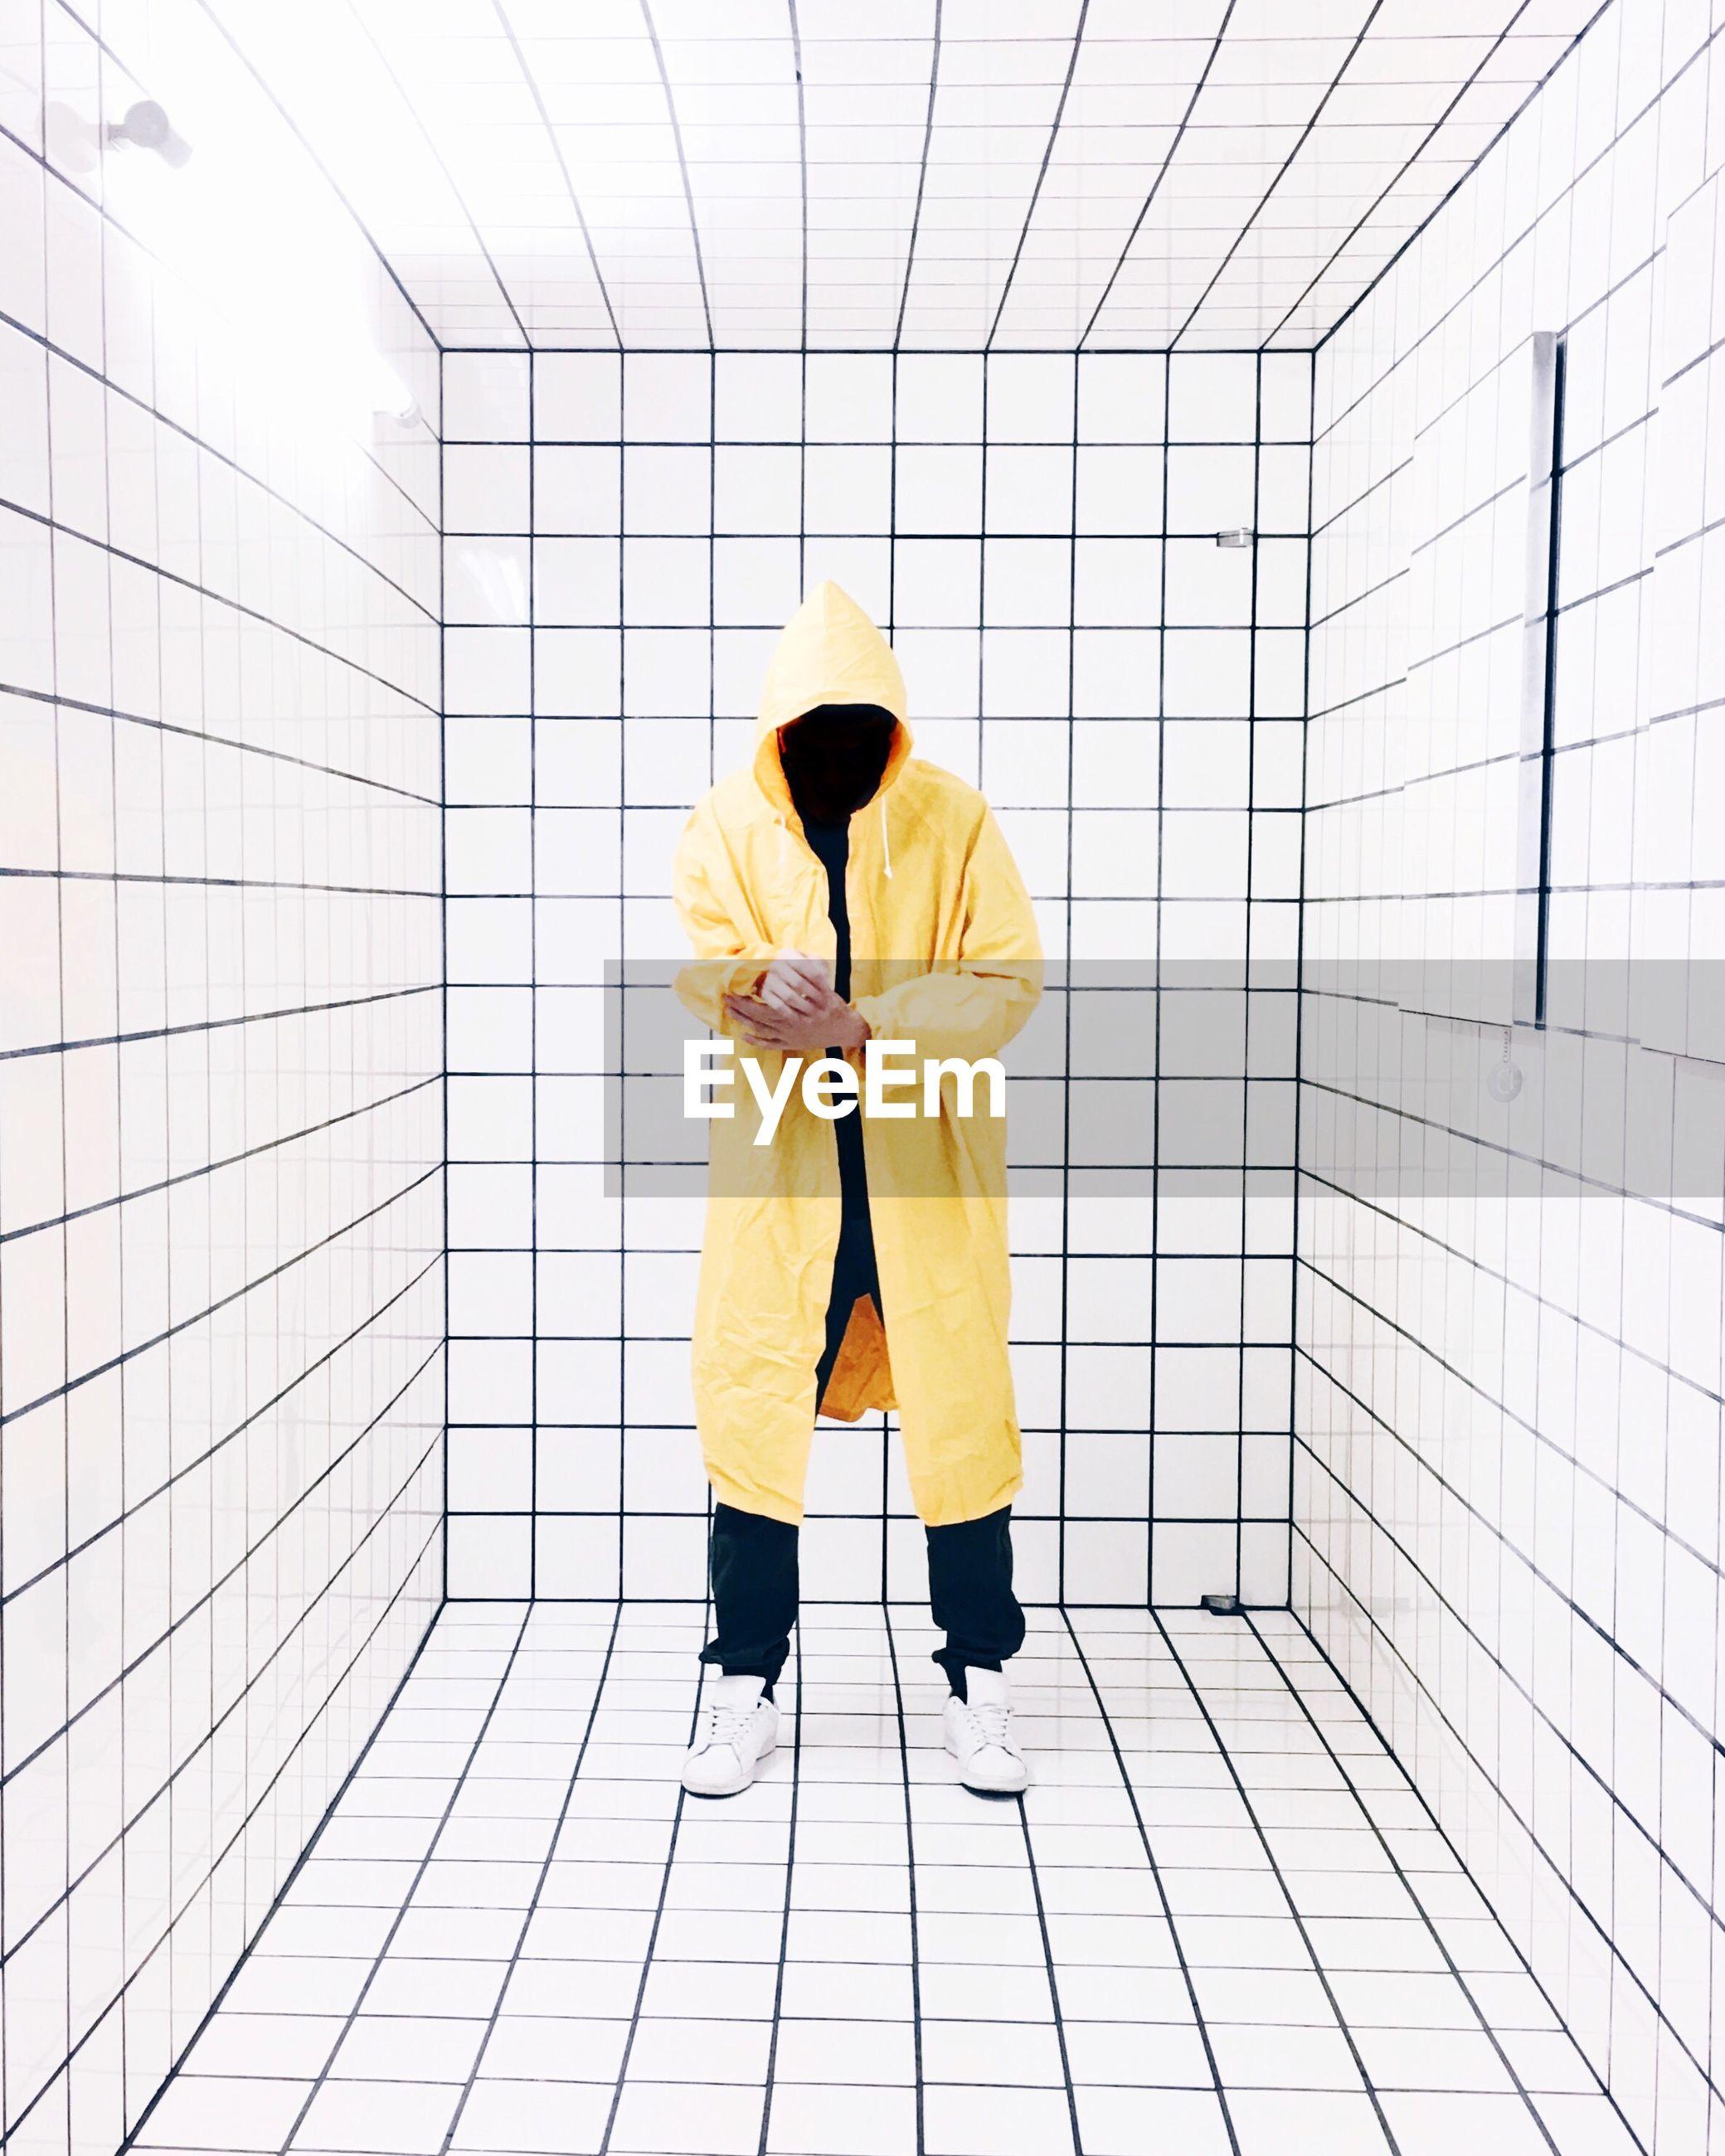 Full length of man standing on tiled floor